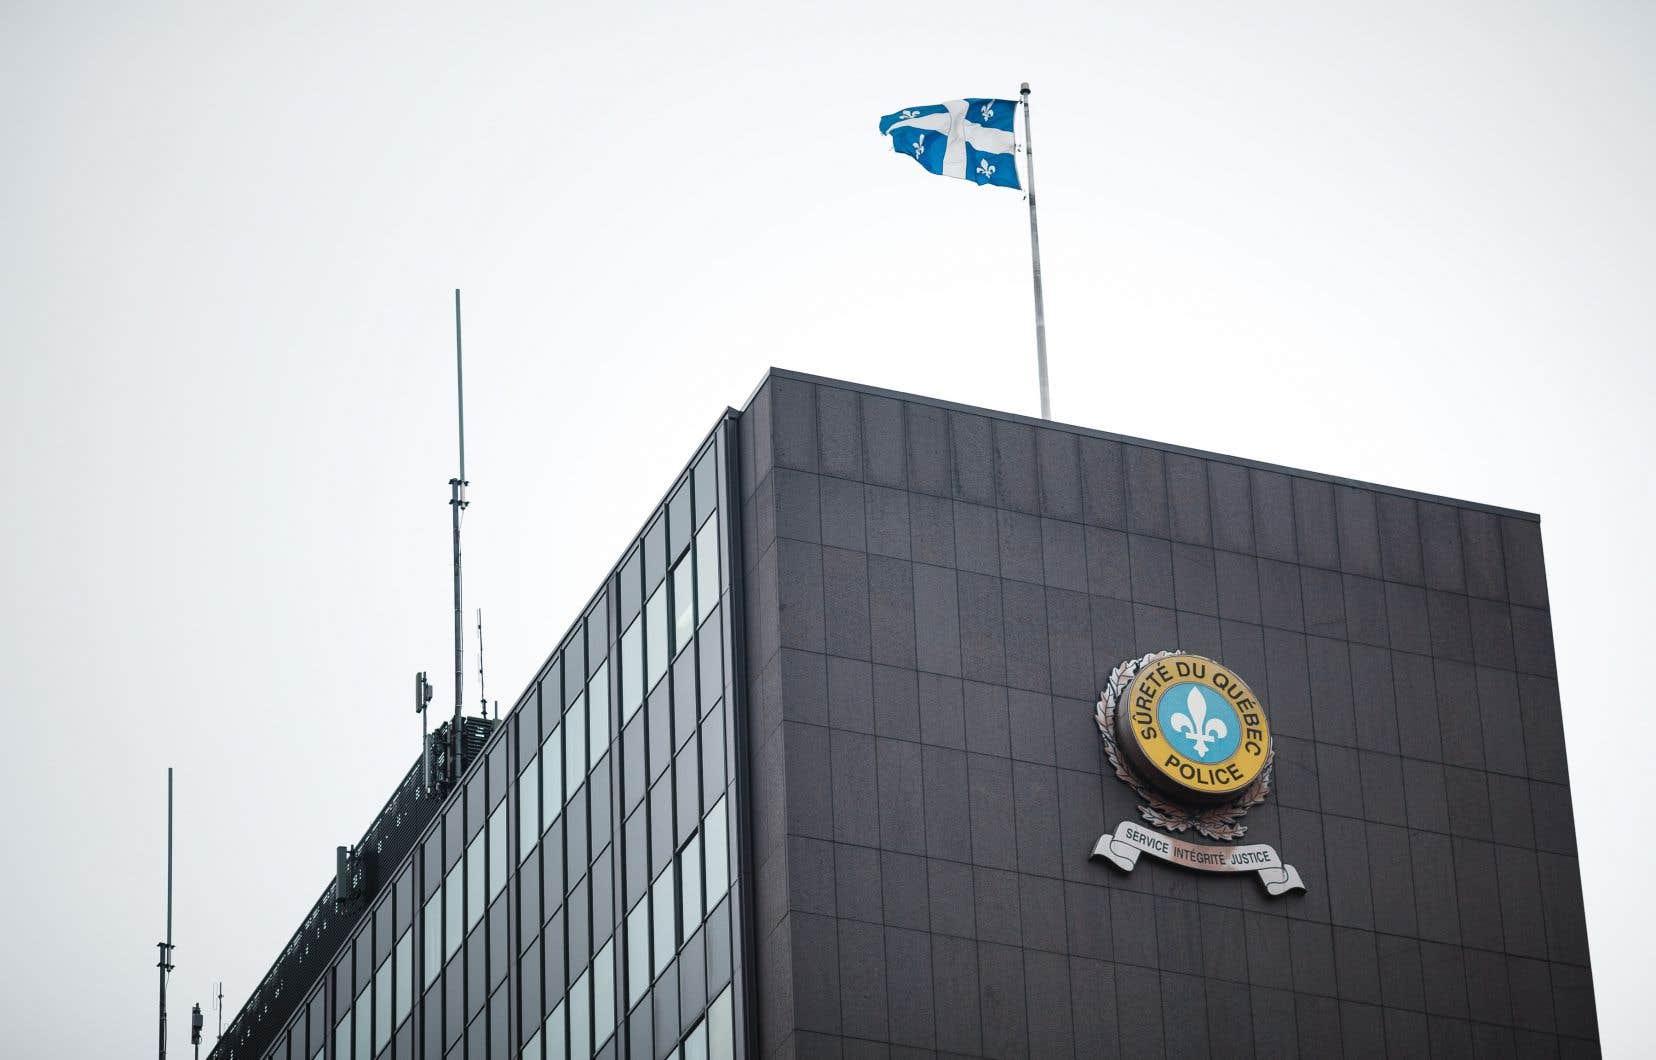 La municipalité pourra désormais être desservie par la Sûreté du Québec.